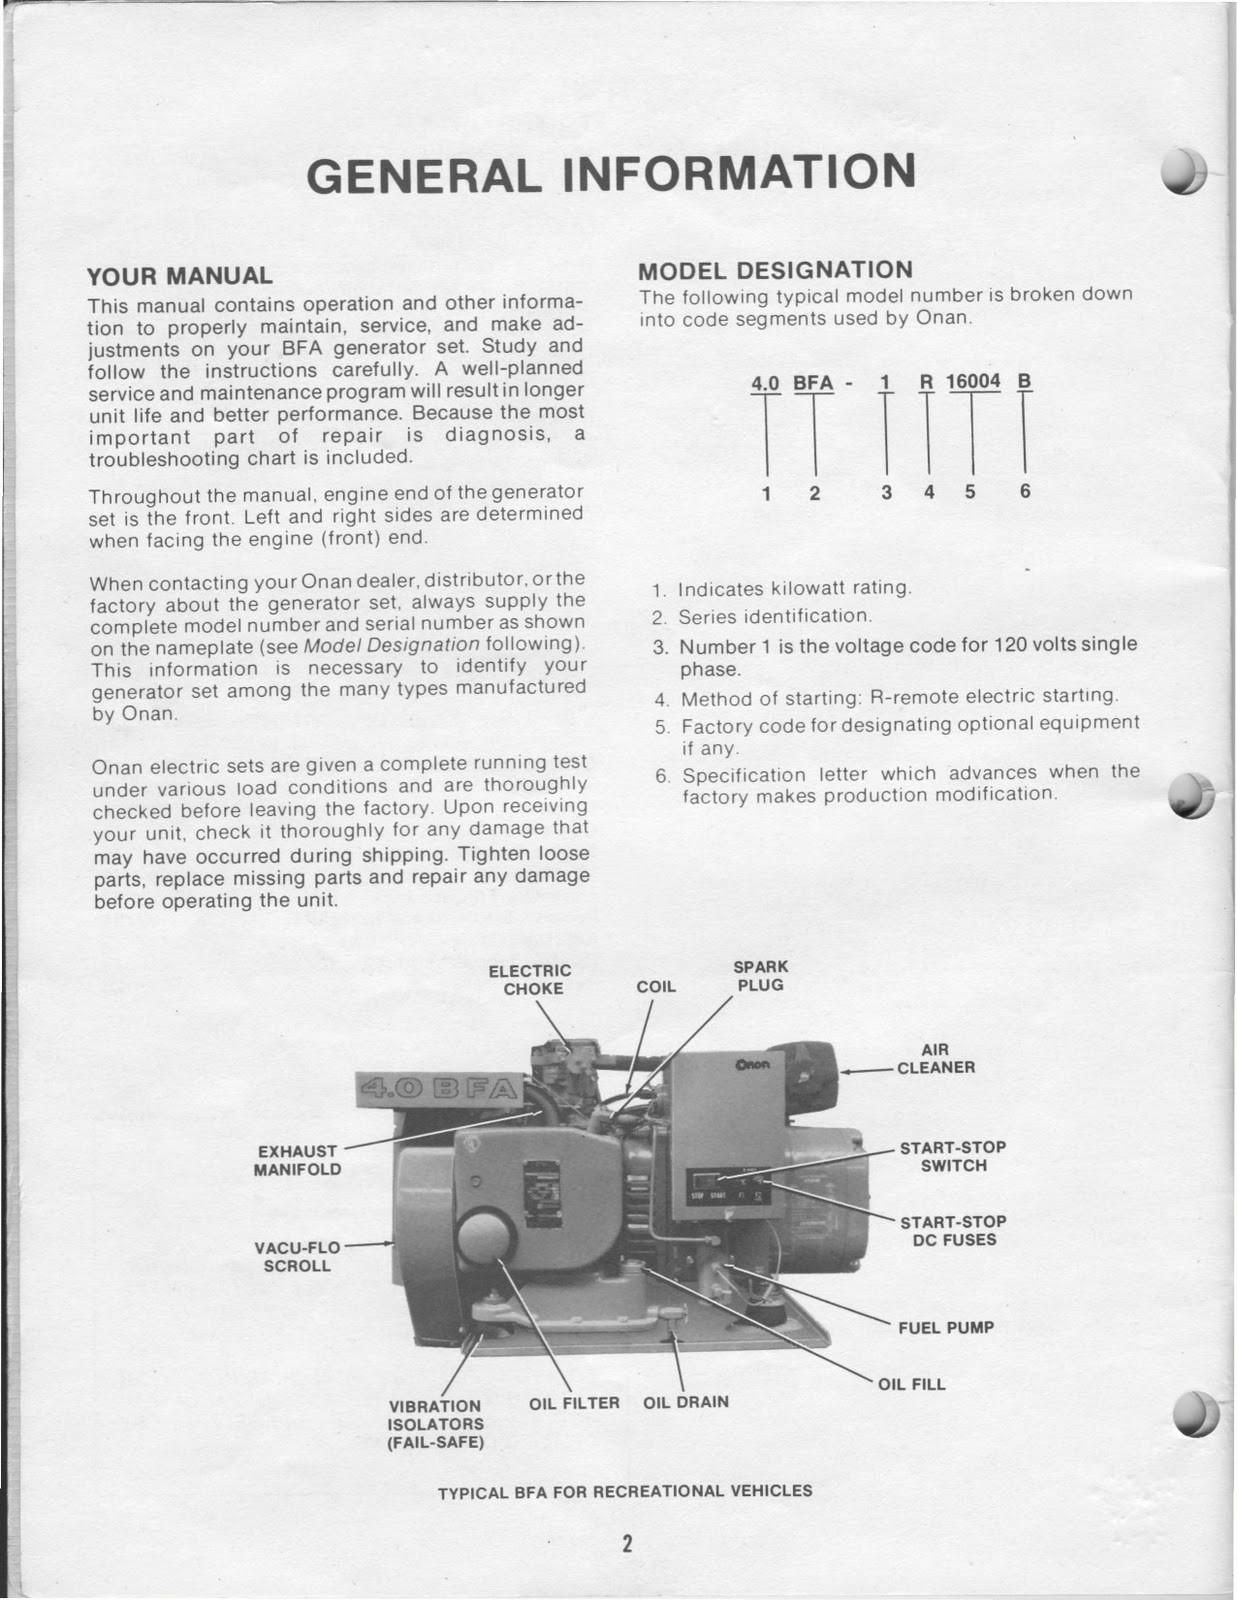 Wiring Diagram Onan 4.0 Generator Inspirational 1983 Fleetwood Pace - Onan 4.0 Rv Genset Wiring Diagram